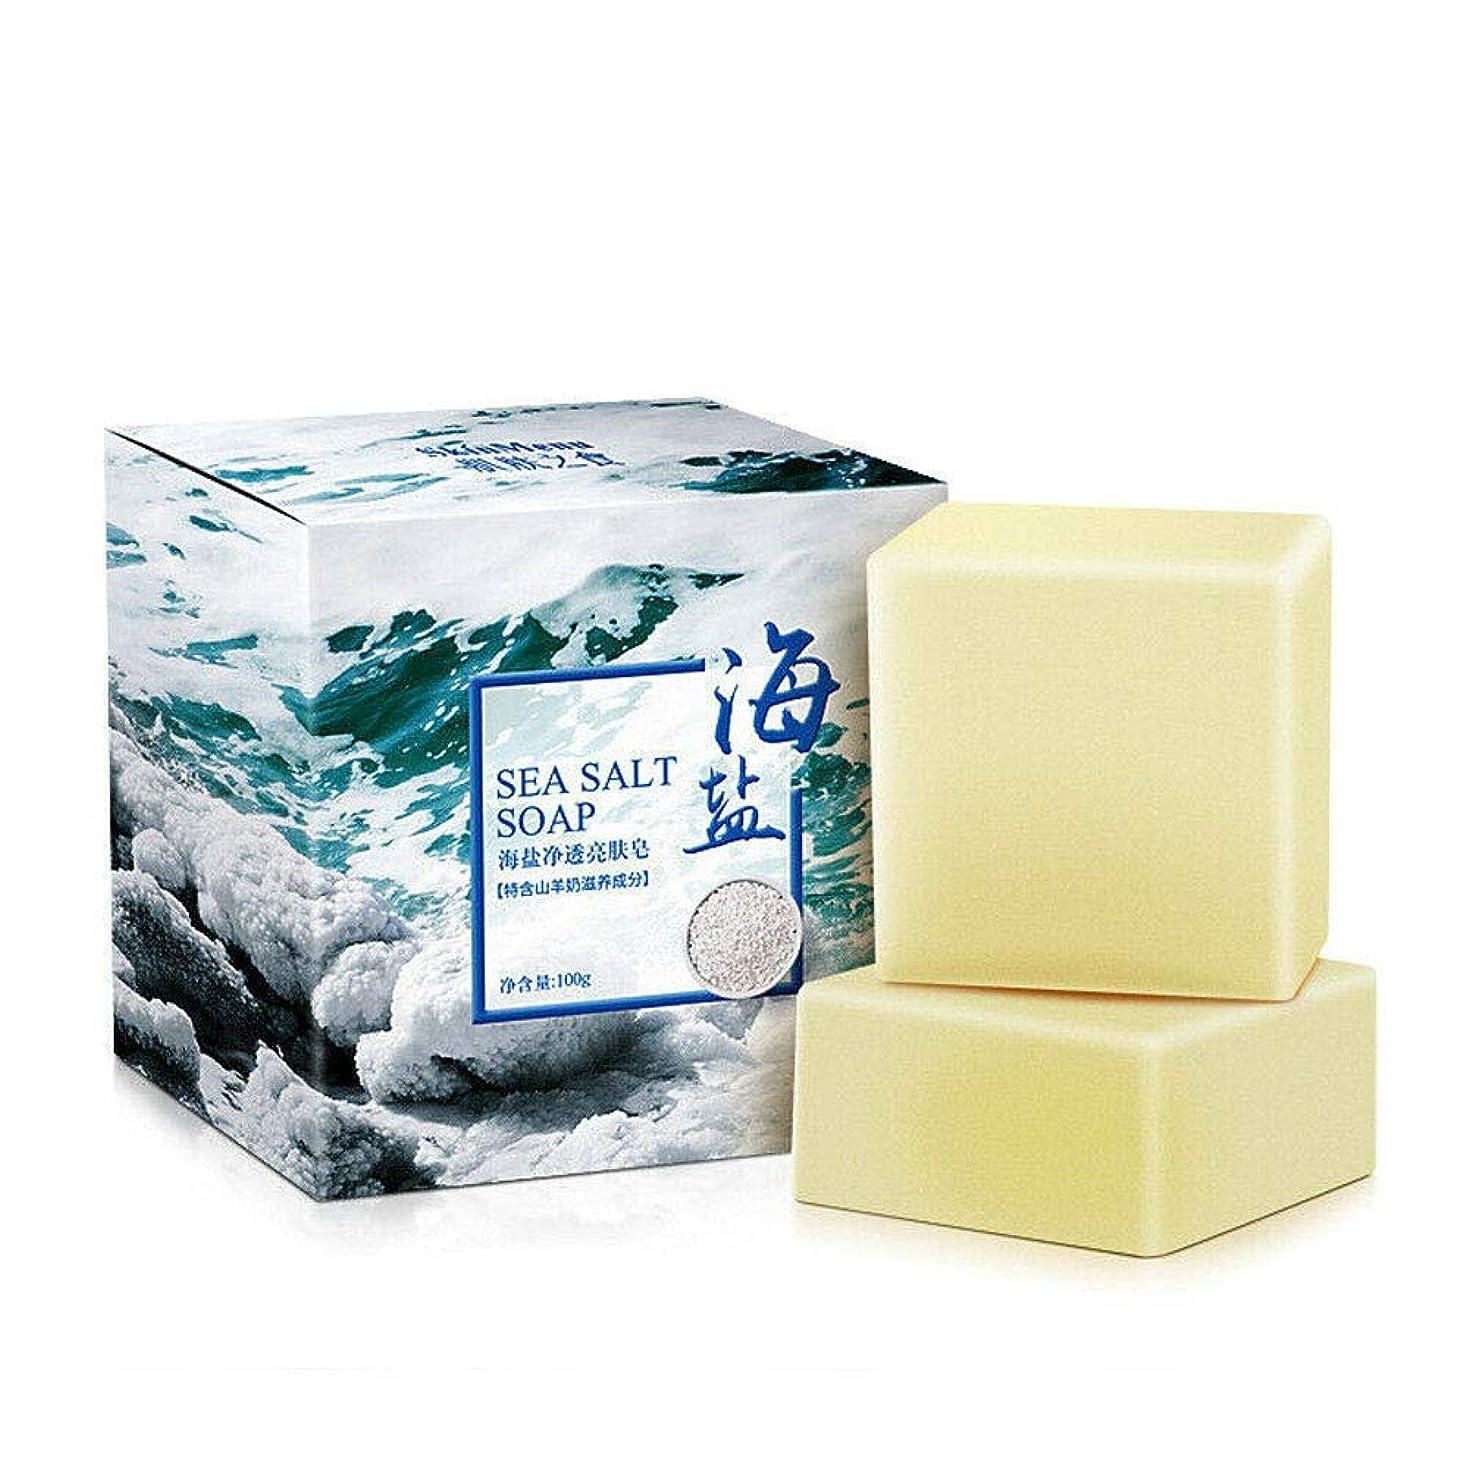 スコアセーブ毒性せっけん 石鹸 海塩 山羊乳 洗顔 ボディ用 浴用せっけん しっとり肌 植物性 無添加 白い 100g×1個入 (#2)